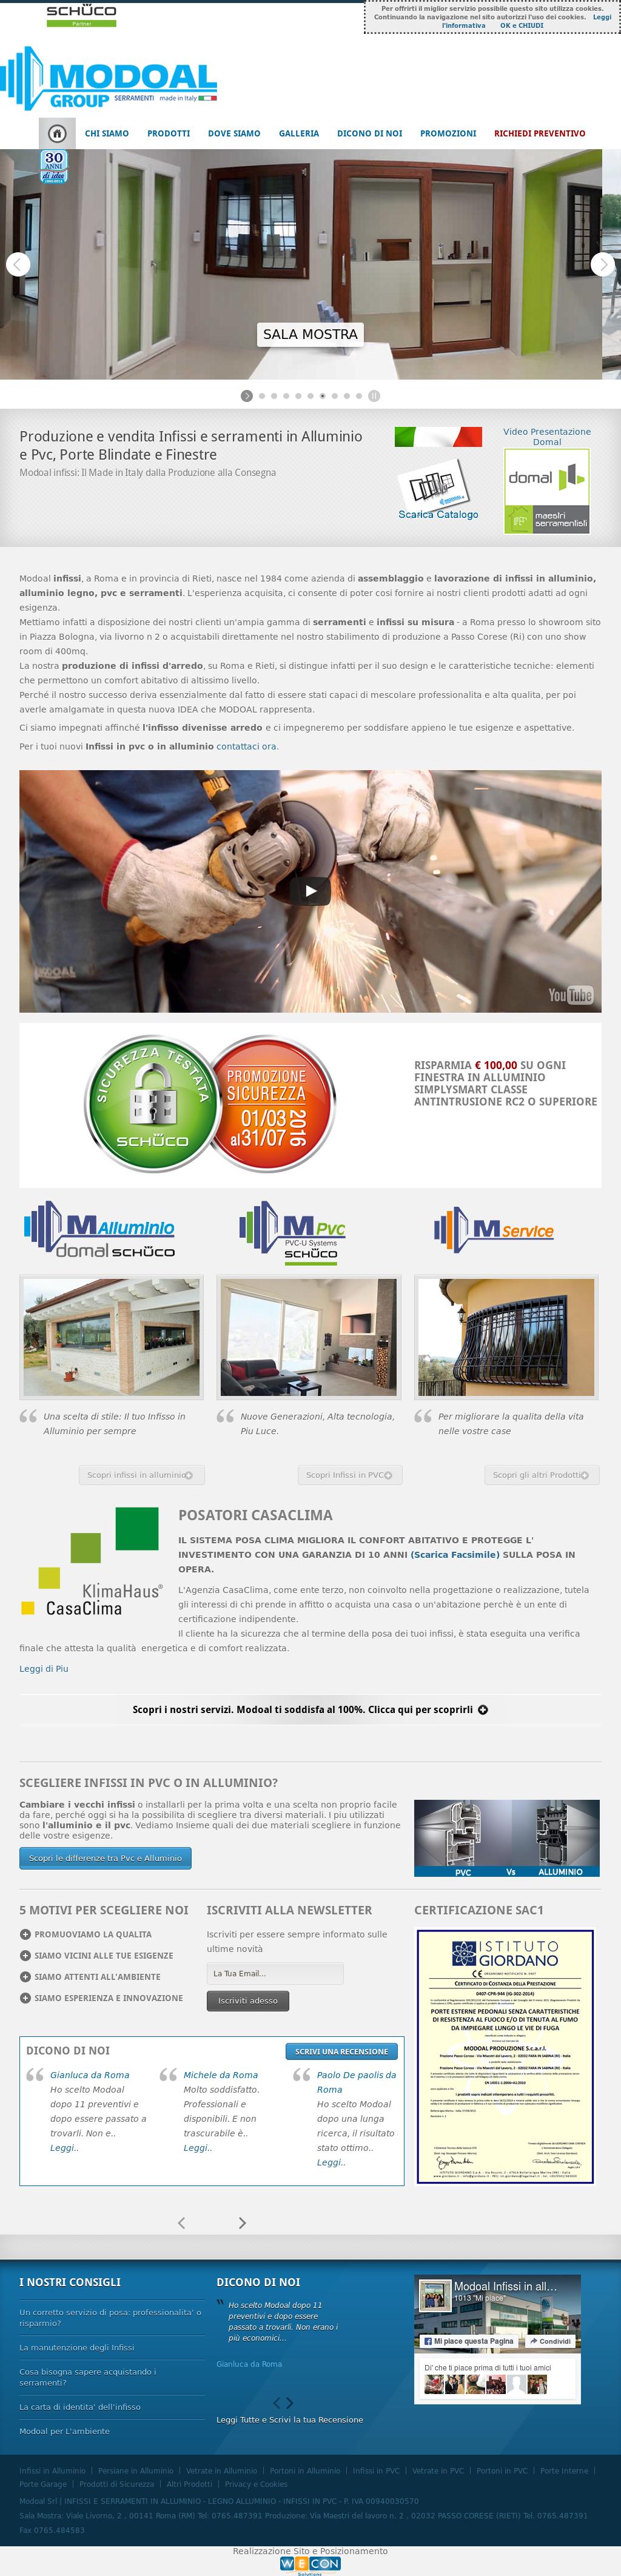 Serramenti In Alluminio O Pvc modoal infissi in alluminio e pvc competitors, revenue and